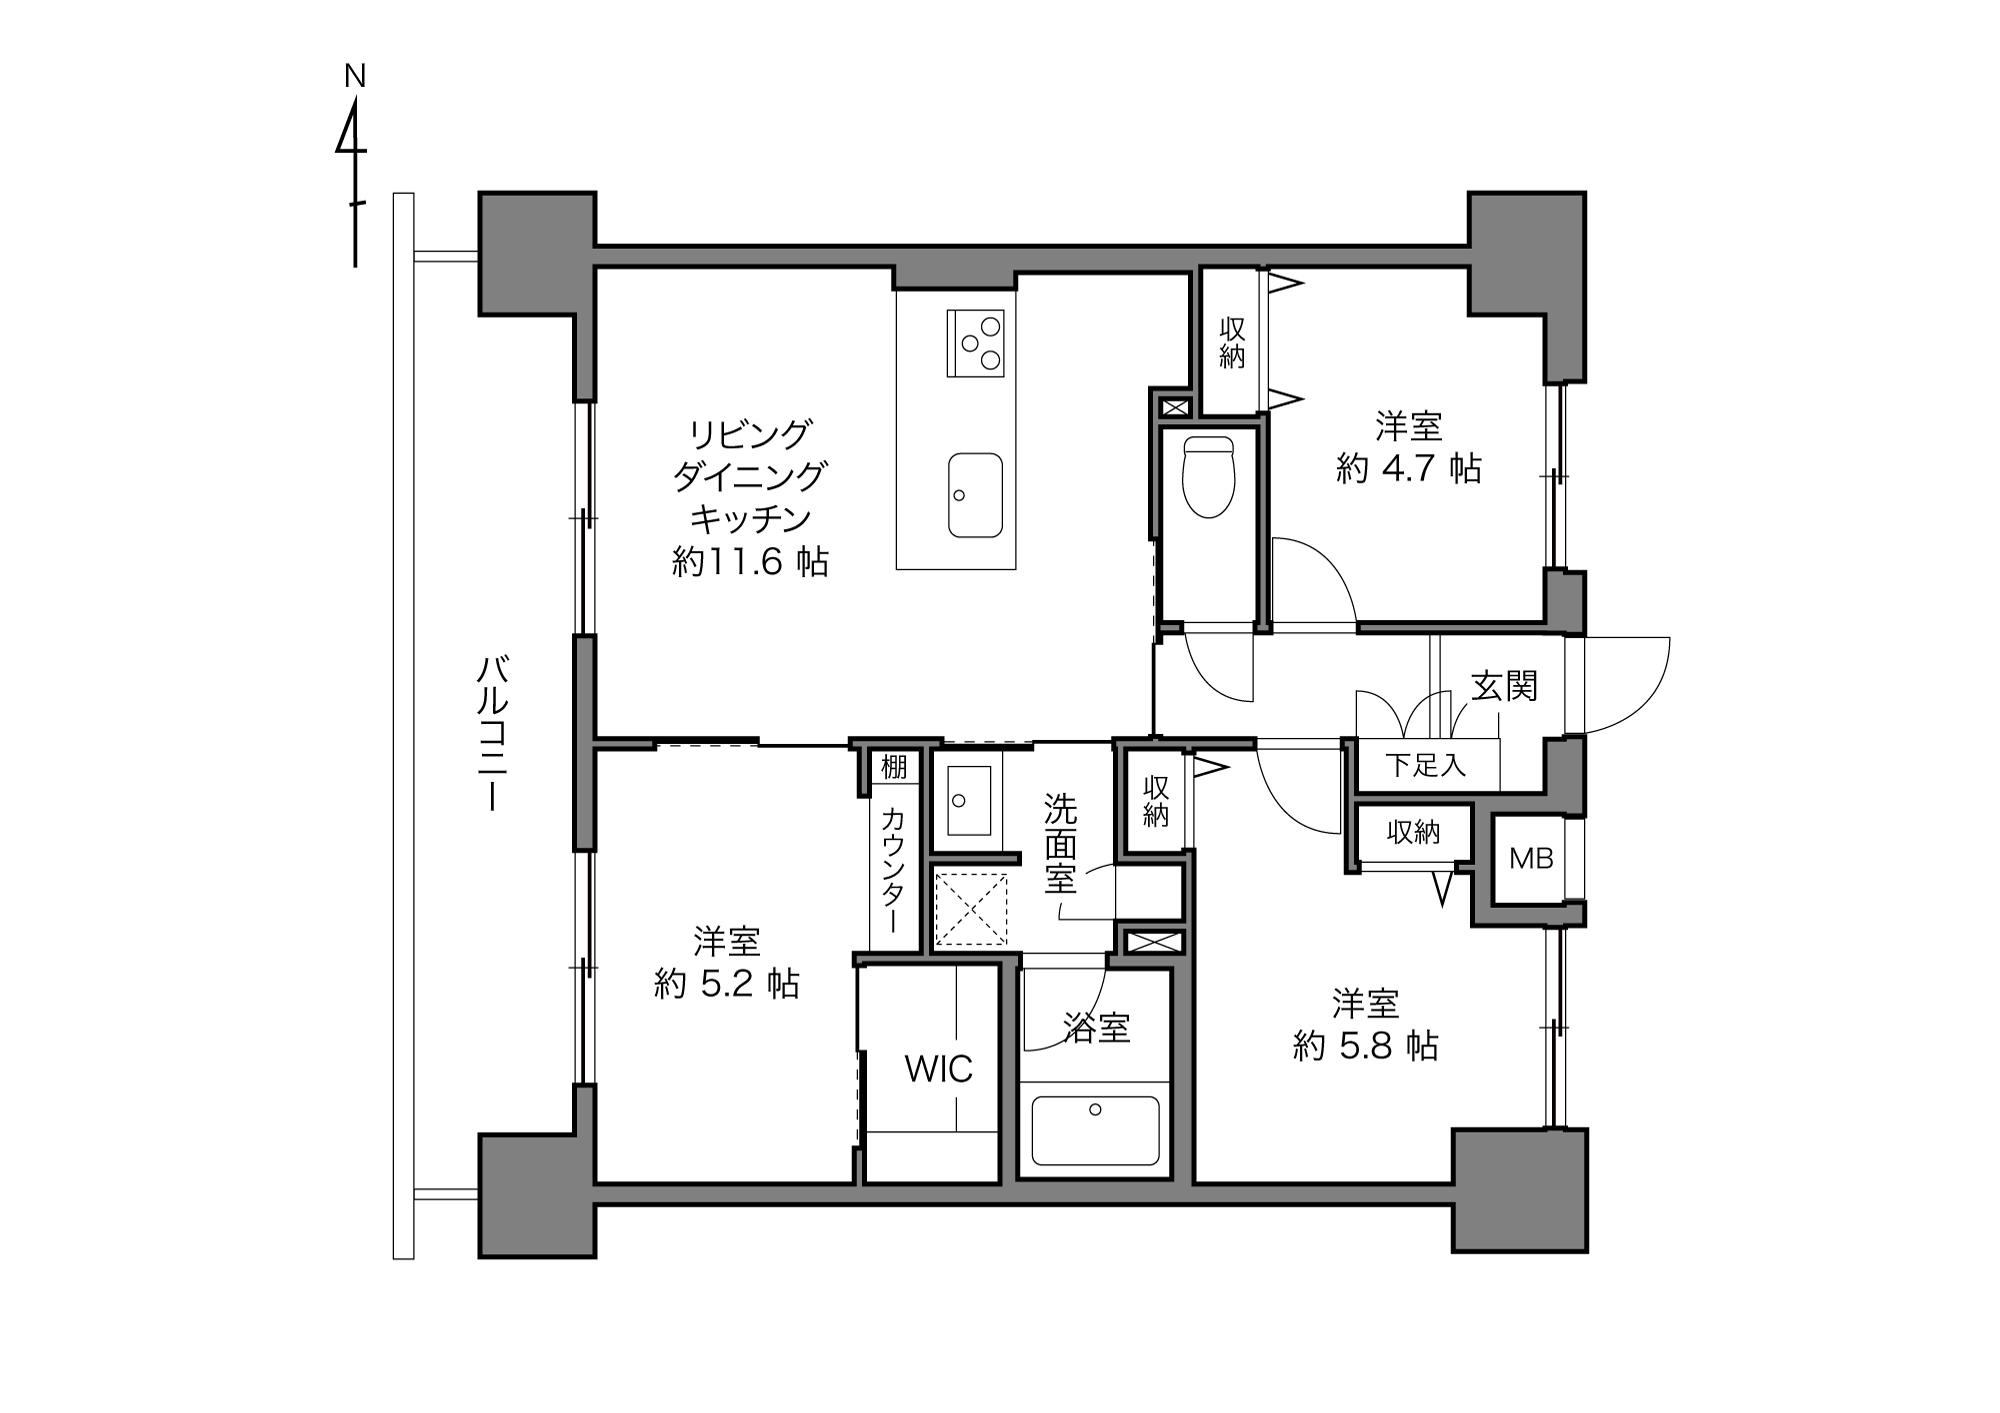 豊洲駅 / 3LDK+WIC / 60.22㎡